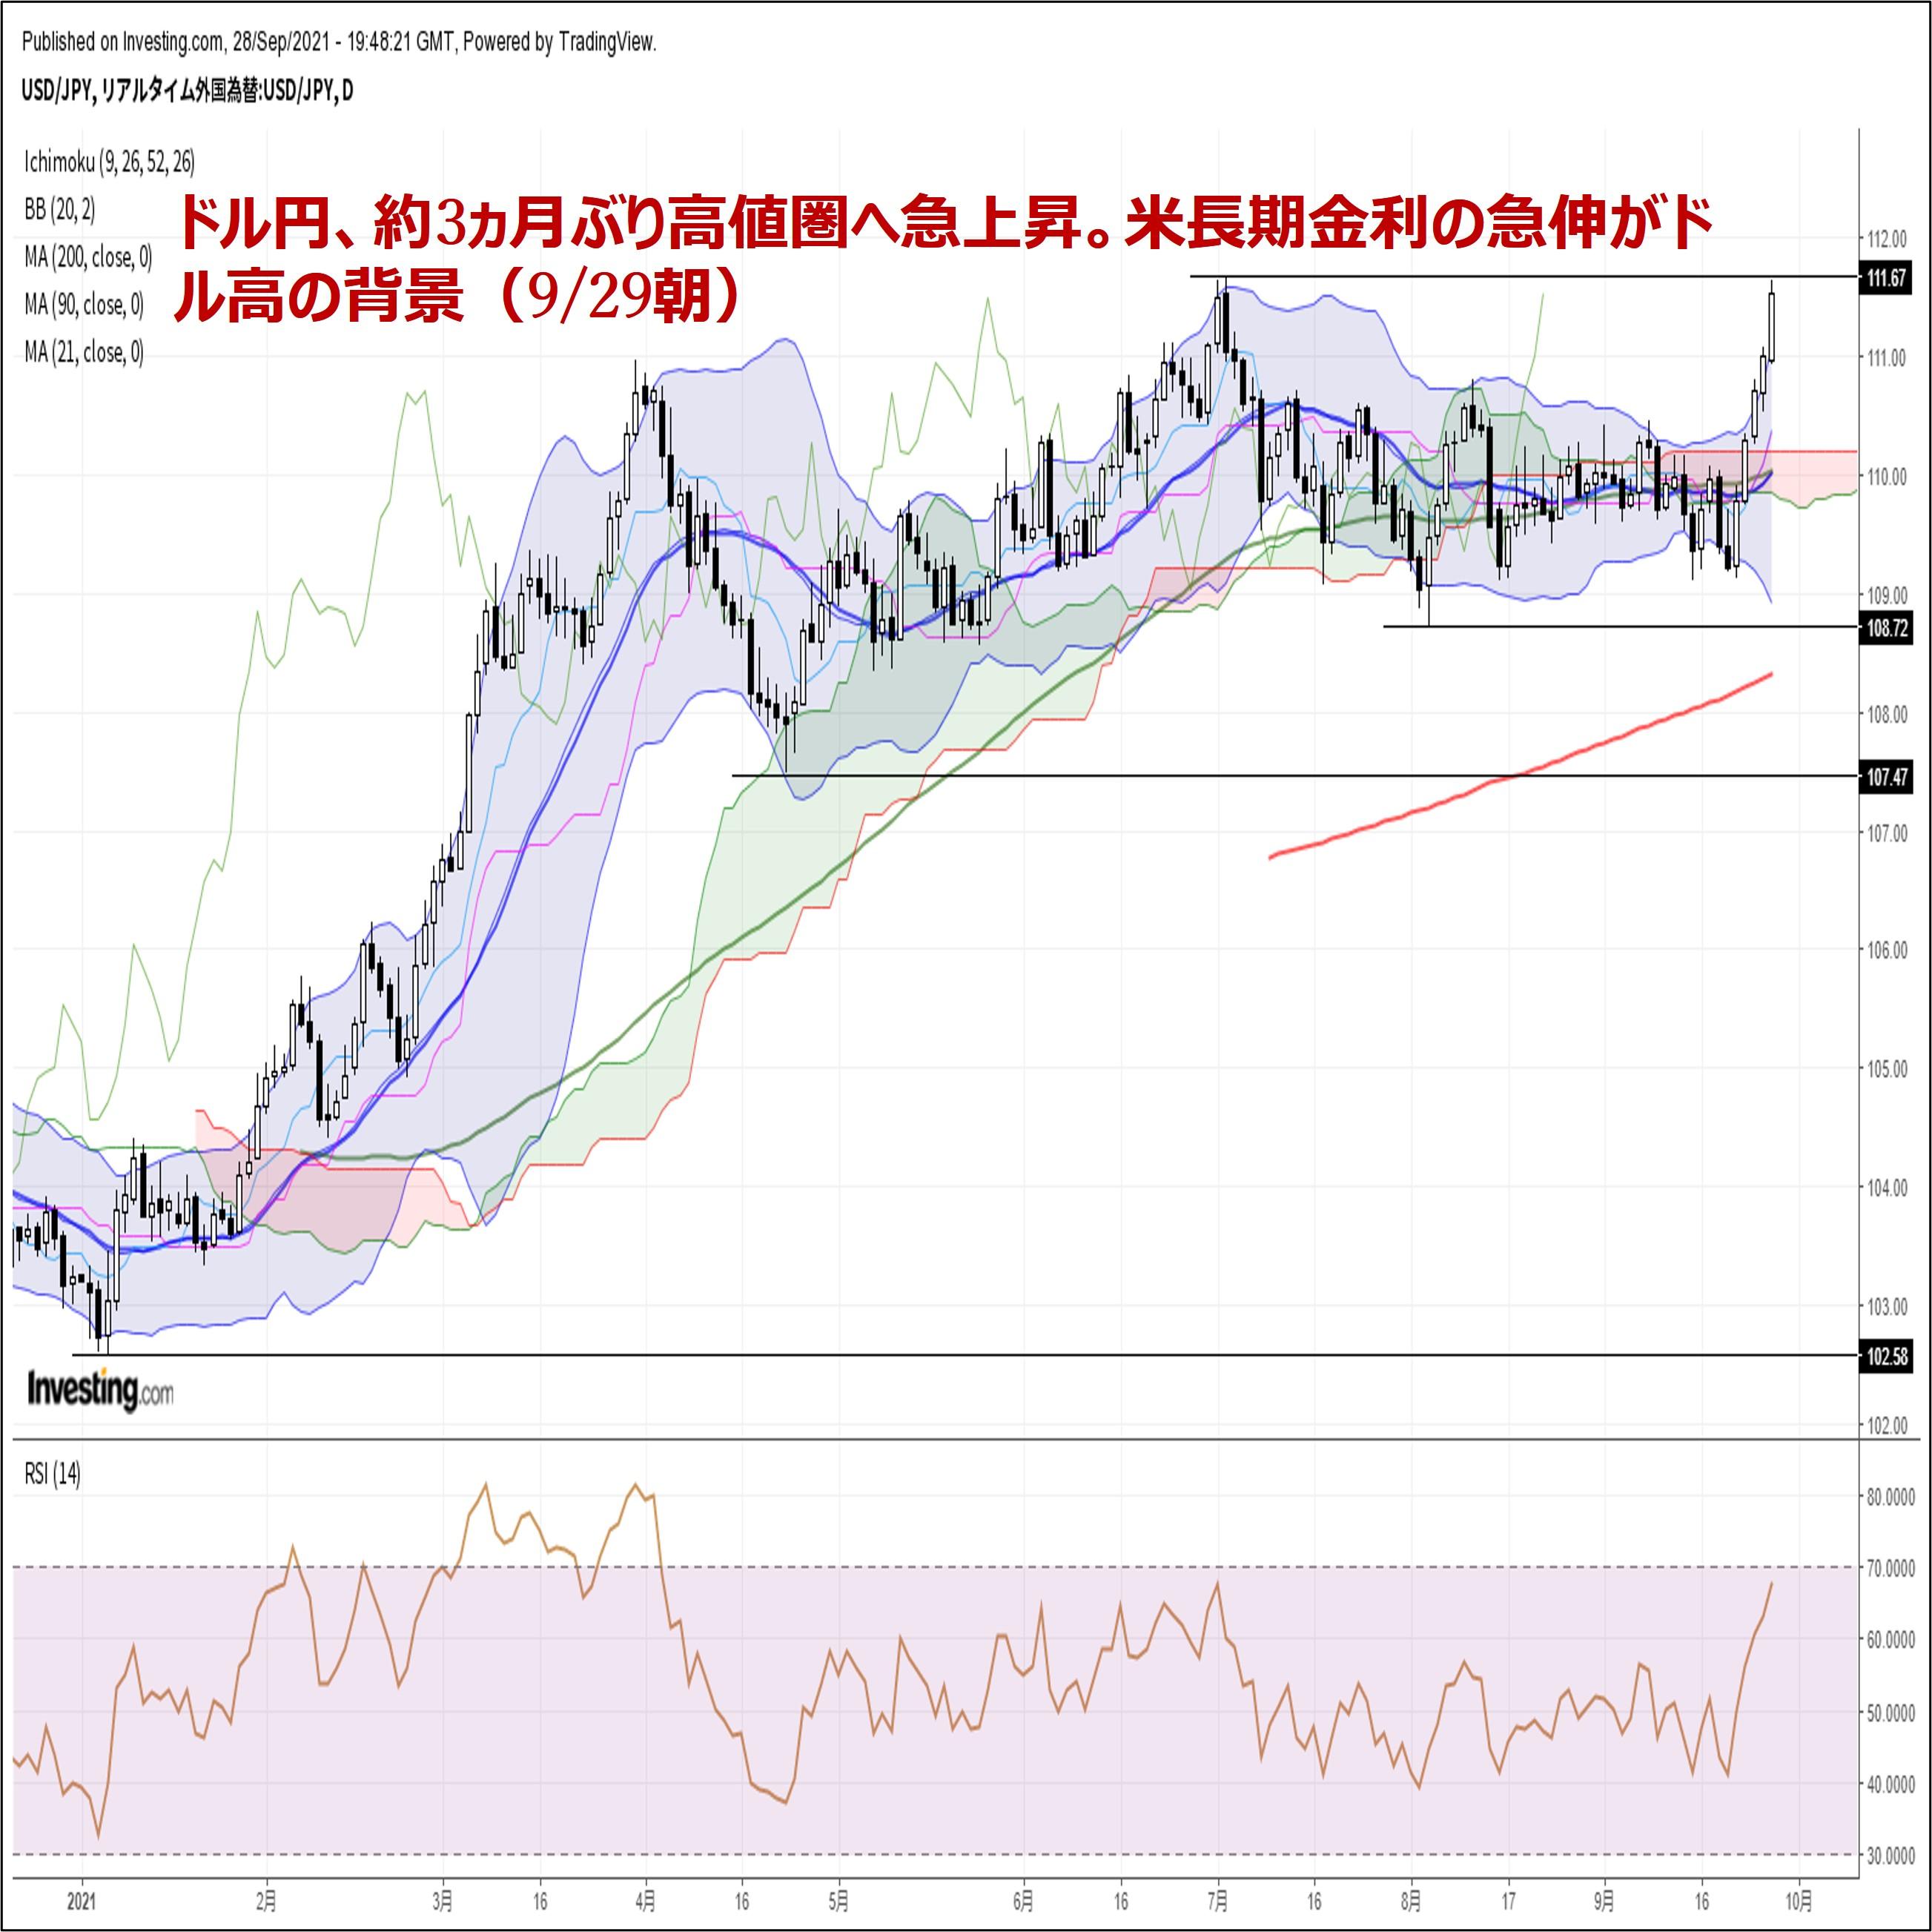 ドル円、約3ヵ月ぶり高値圏へ急上昇。米長期金利の急伸がドル高の背景